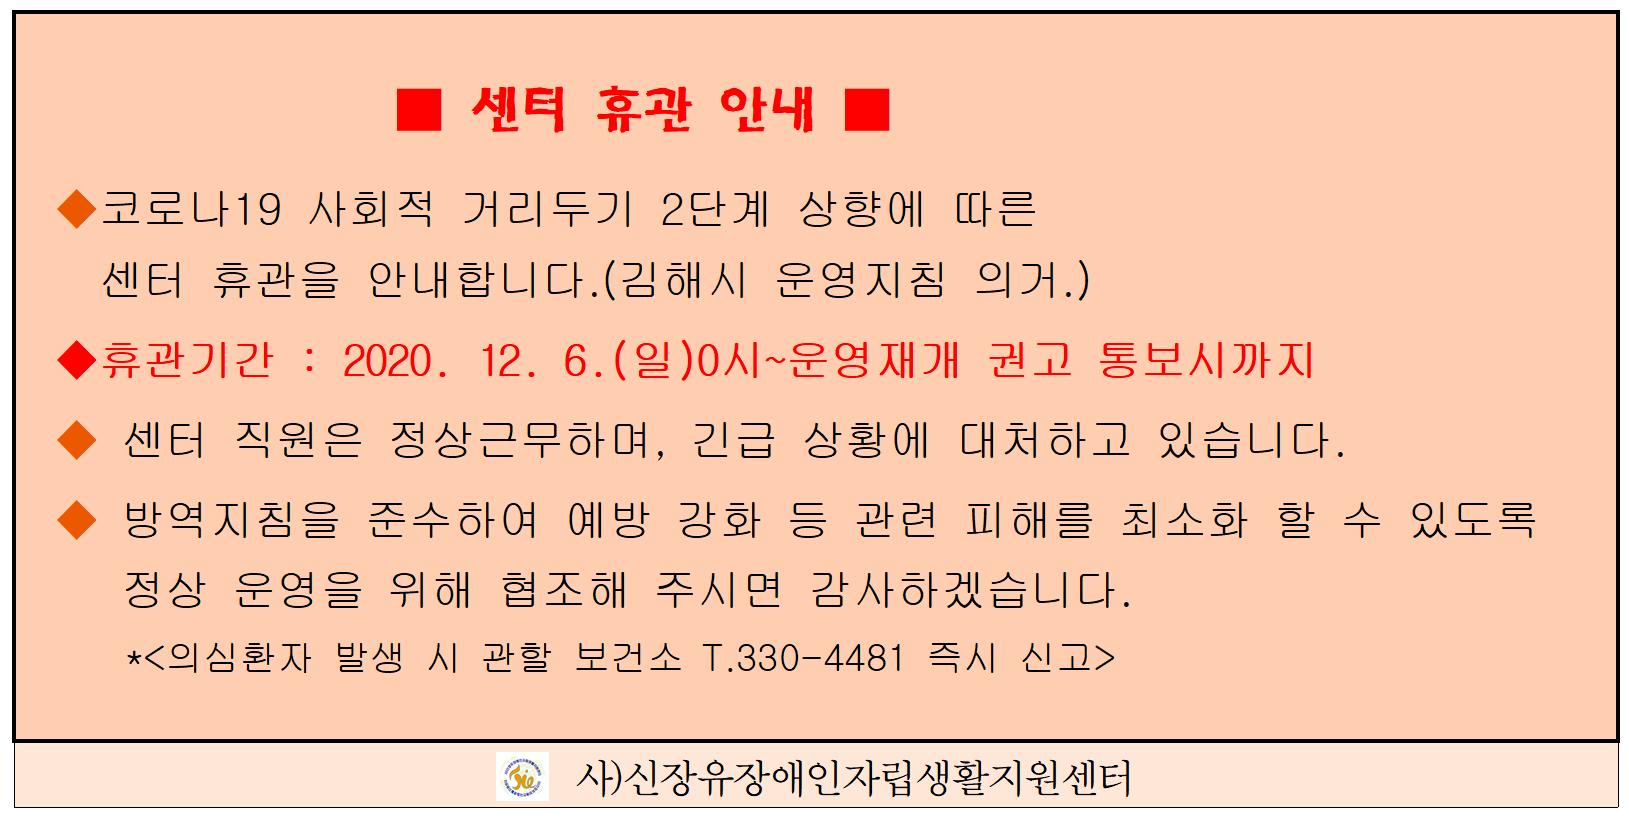 휴관 공지(20.12.4.).png